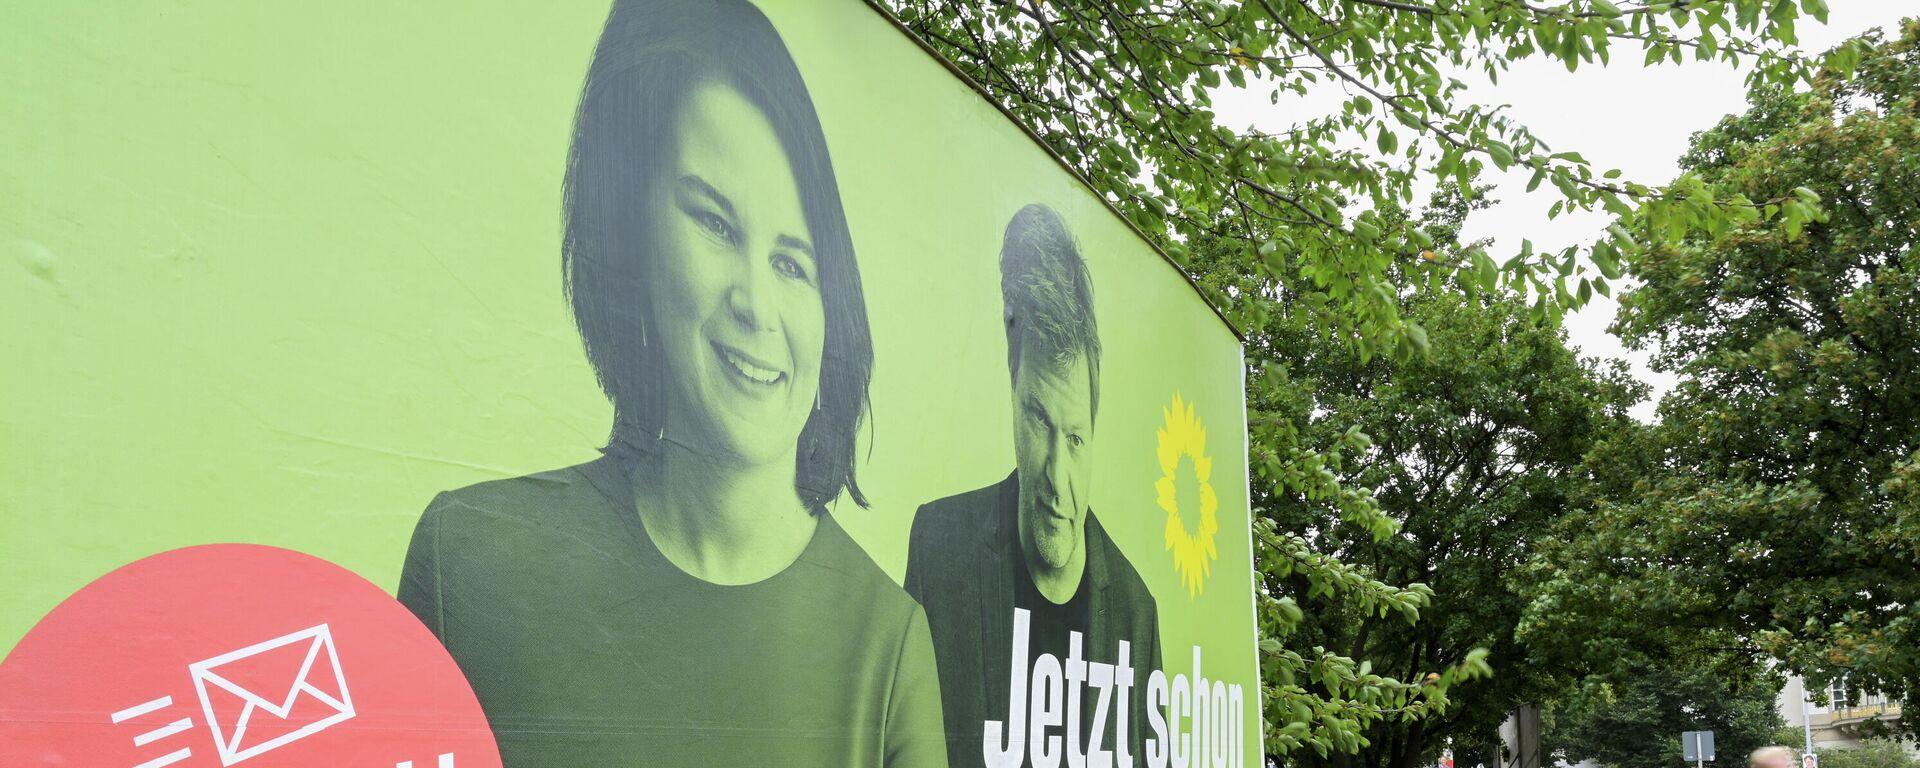 Ein  Wahlplakat der Grünen mit der Aufforderung zur Briefwahl in Hannover. - SNA, 1920, 31.08.2021